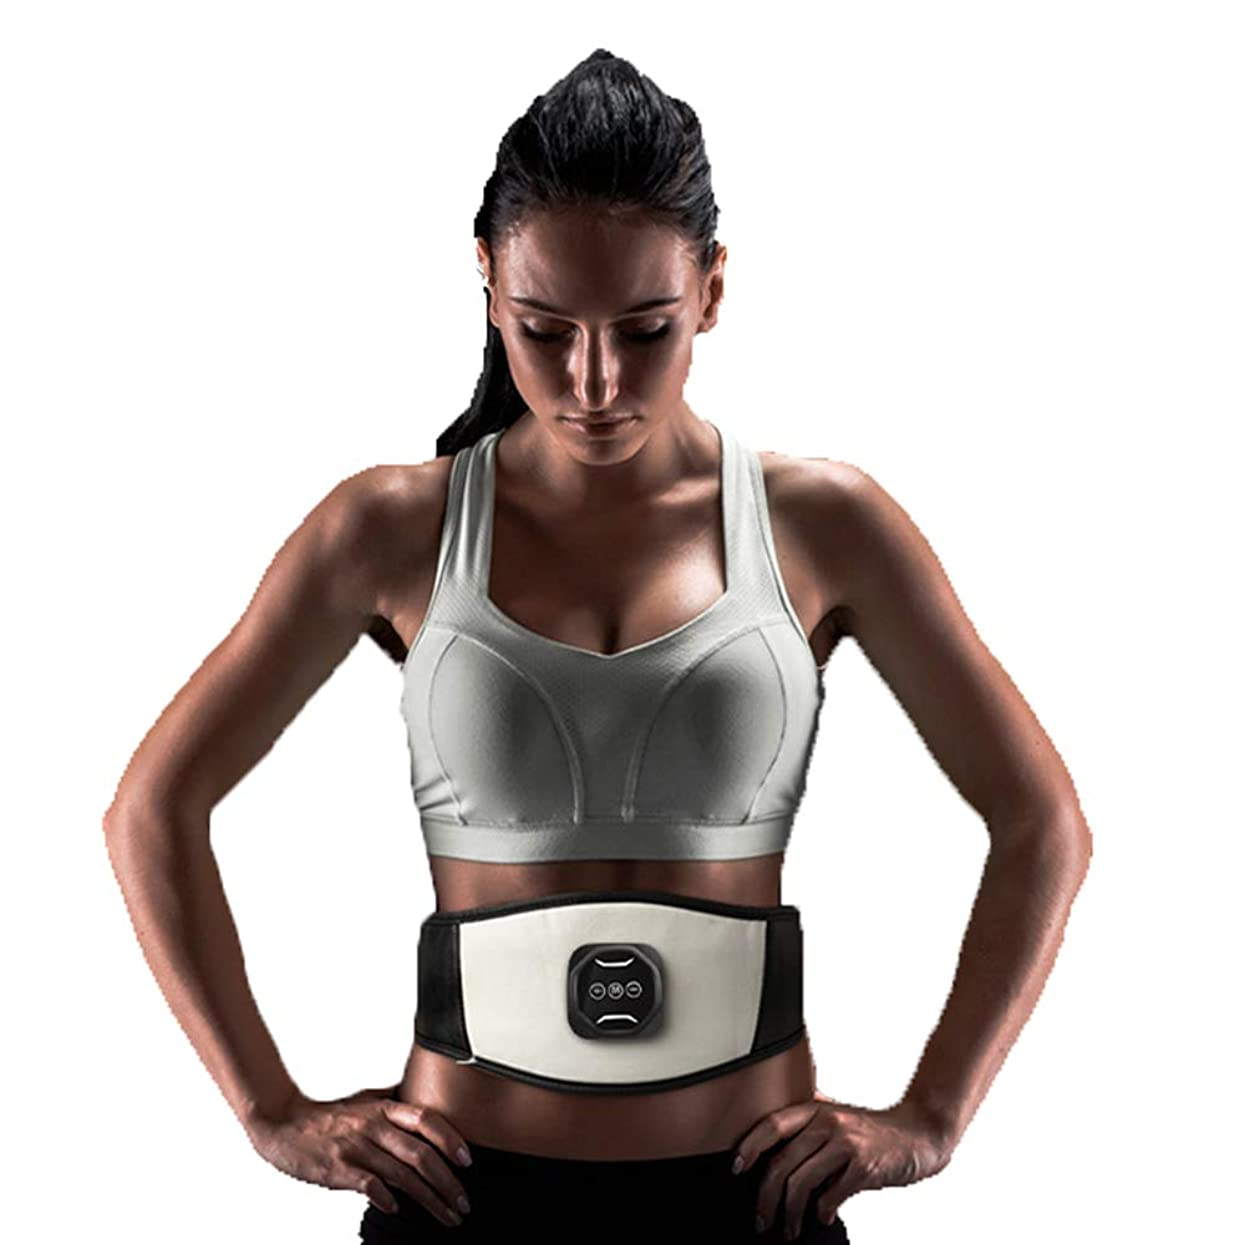 僕のリスキーな溶けたスマートワイヤレス腹筋ペーストEMS筋肉刺激装置薄い腹部腹部マシンUSB電気ベルト腹部機器全身体重減少運動フィットネス機器ユニセックス